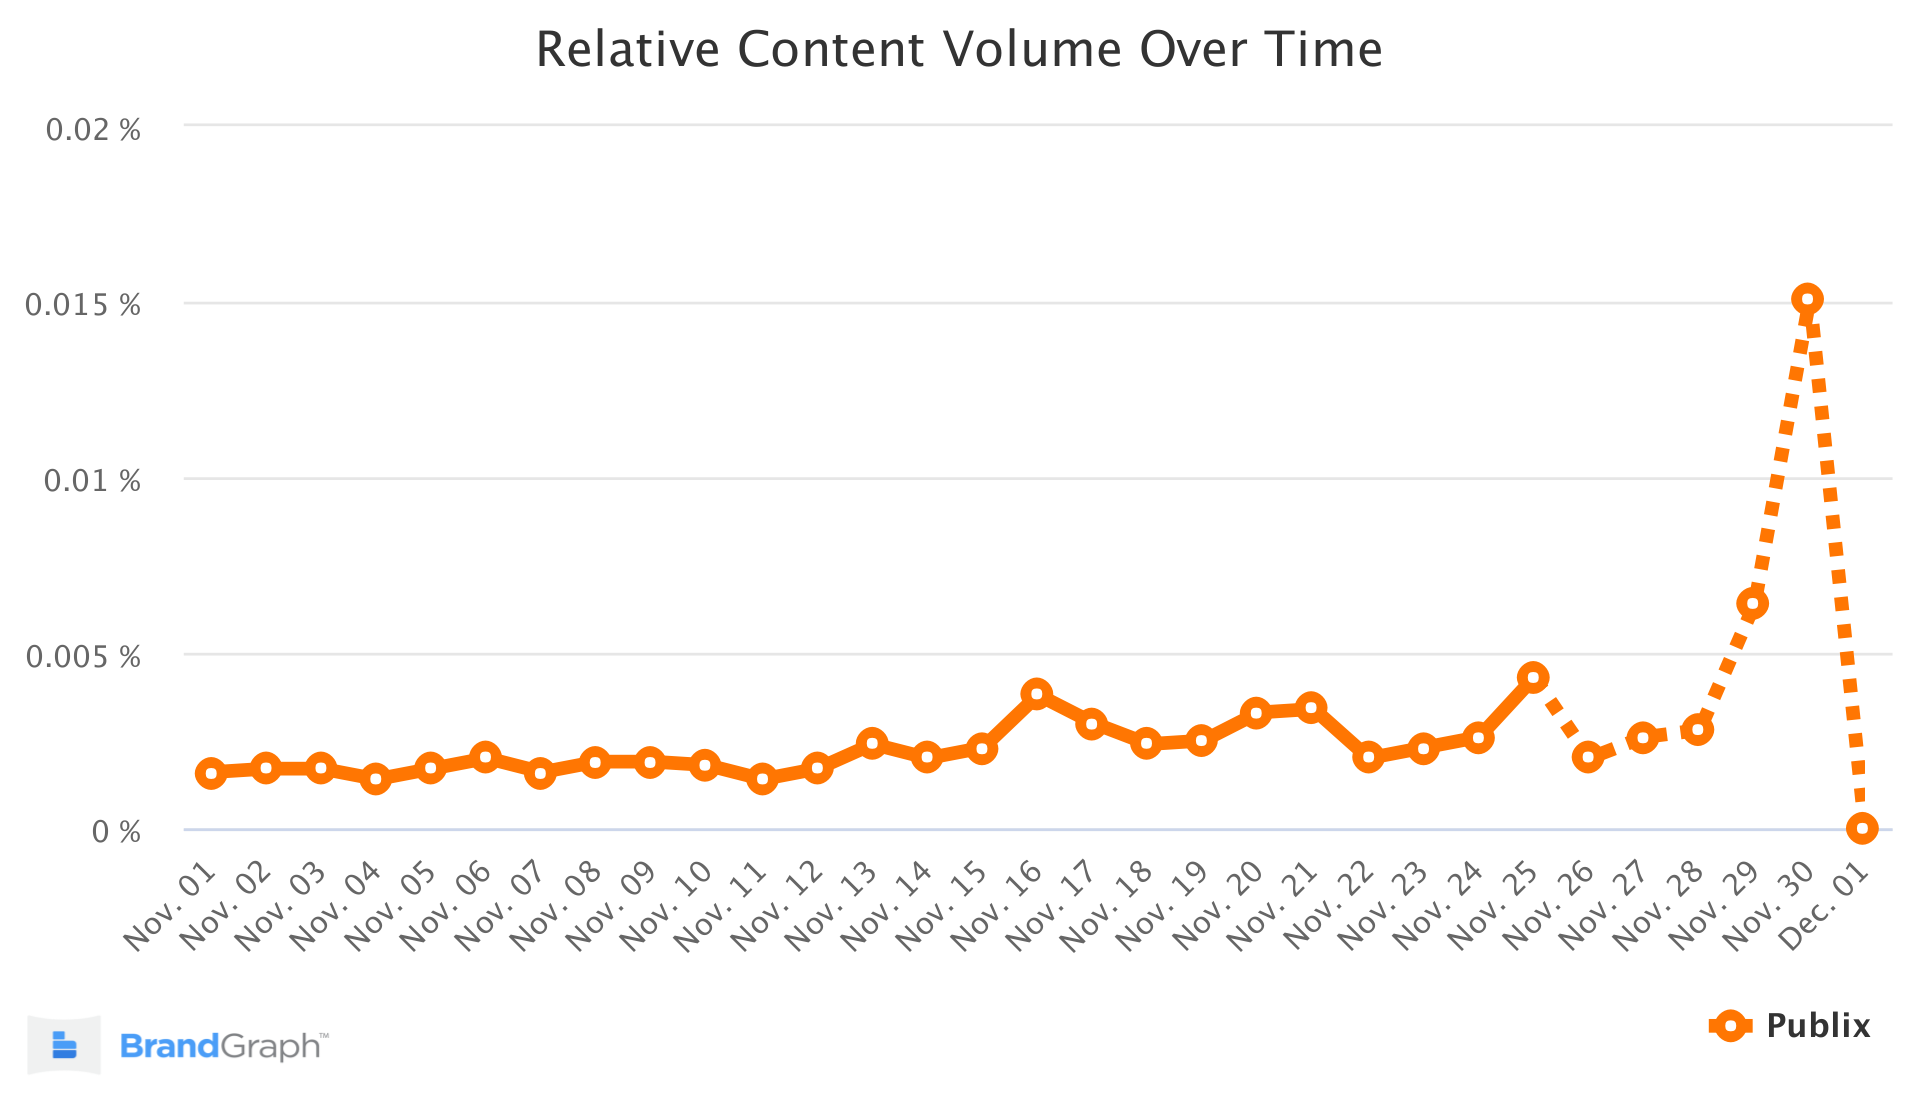 Publix BrandGraph Trend